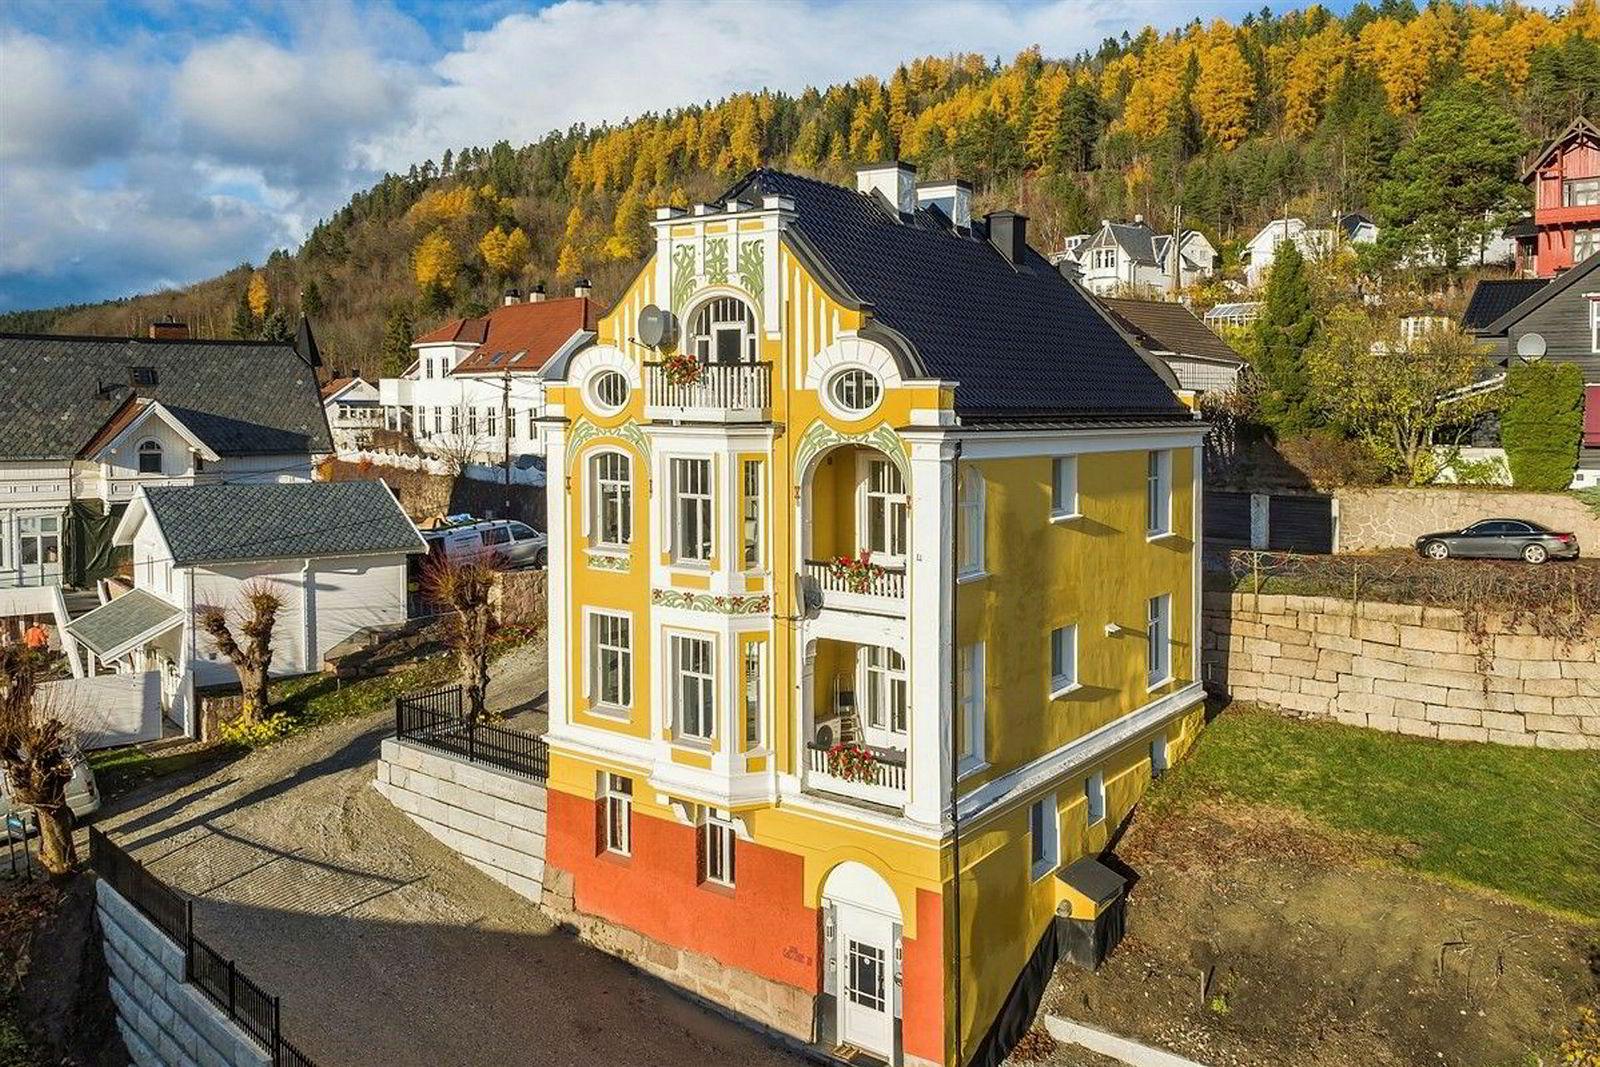 Boligen i Drammen på 366 kvadratmeter inneholder tre seksjoner – tidligere har en av dem vært brukt som tannlegekontor. Prisantydningen er 16 millioner kroner.